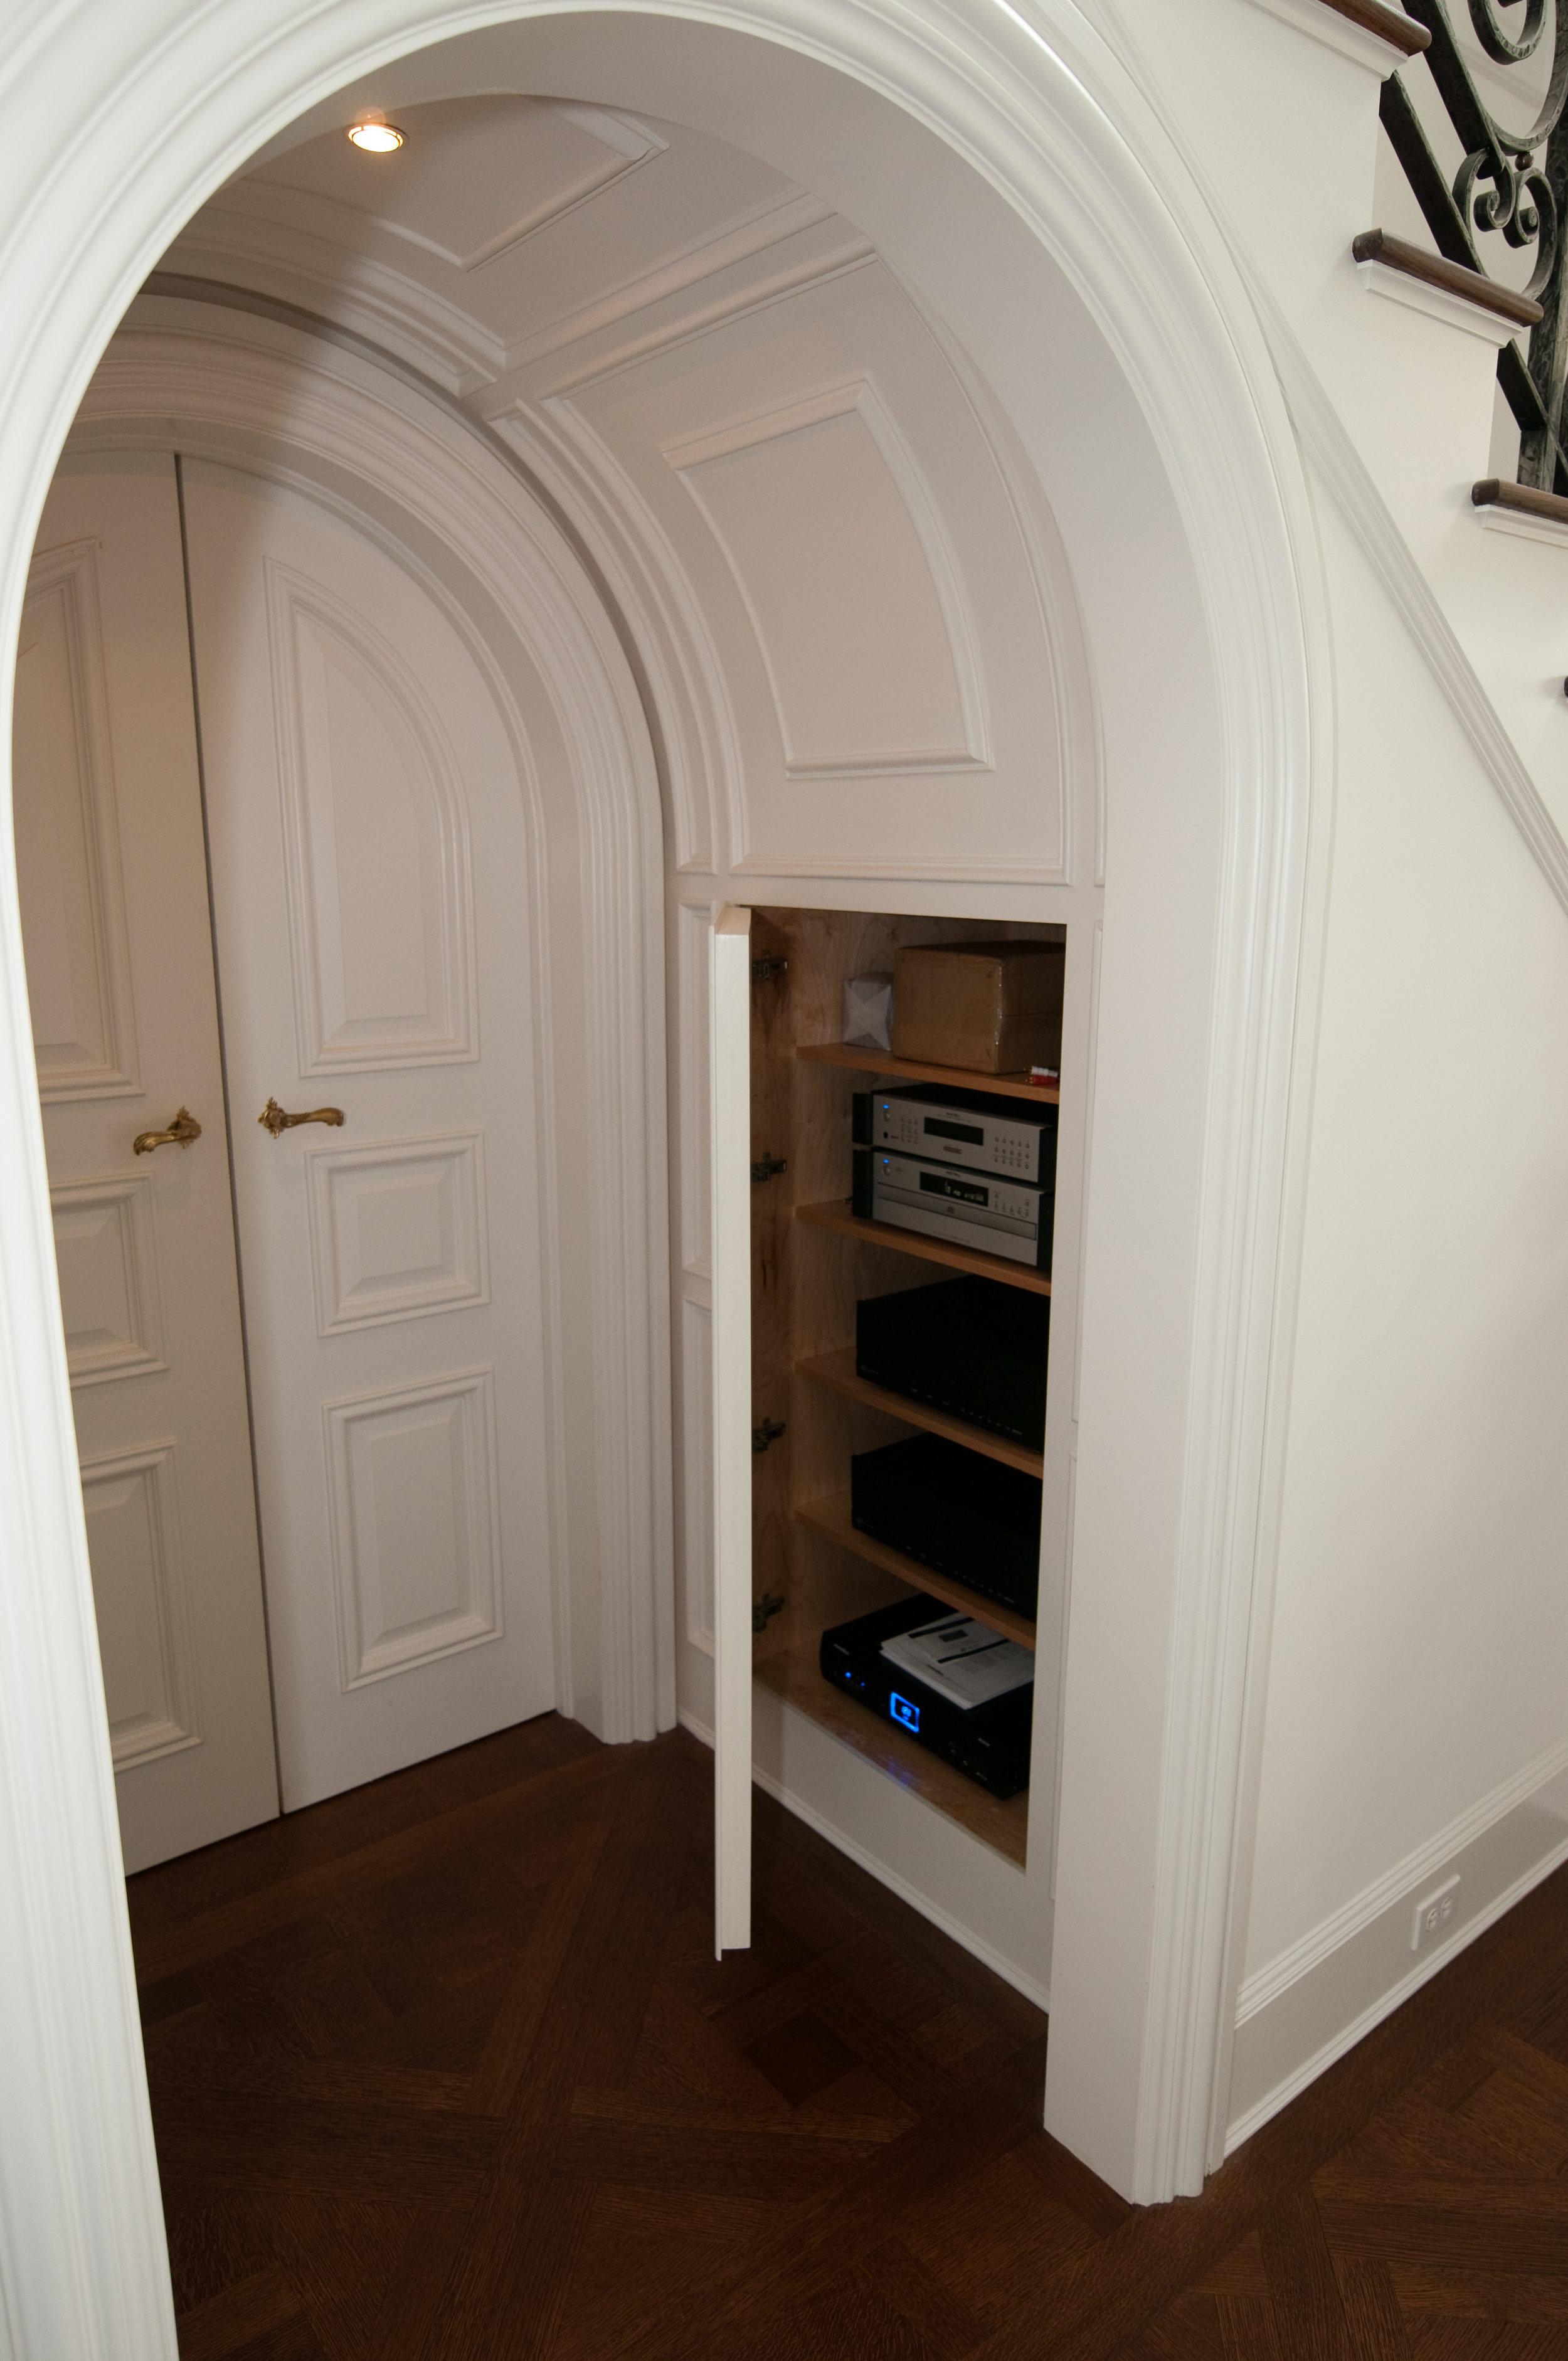 7 - stereo cabinet.jpg